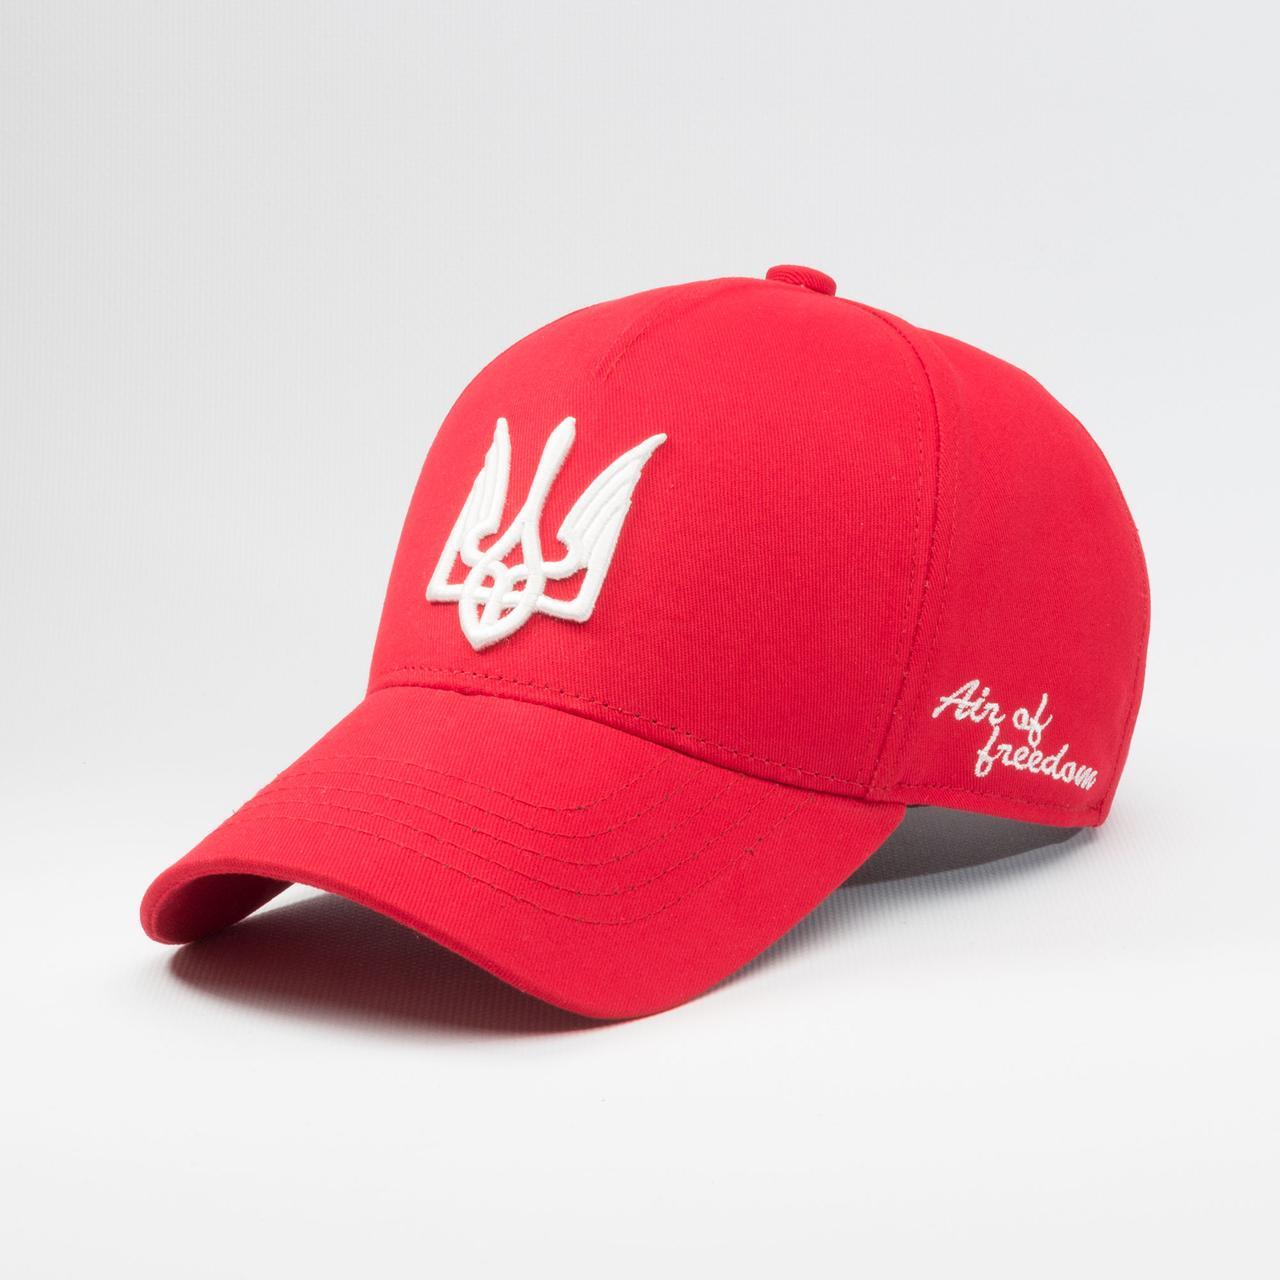 Купить Кепка бейсболка мужская INAL air of freedom XL / 59-60 RU Красный 209959